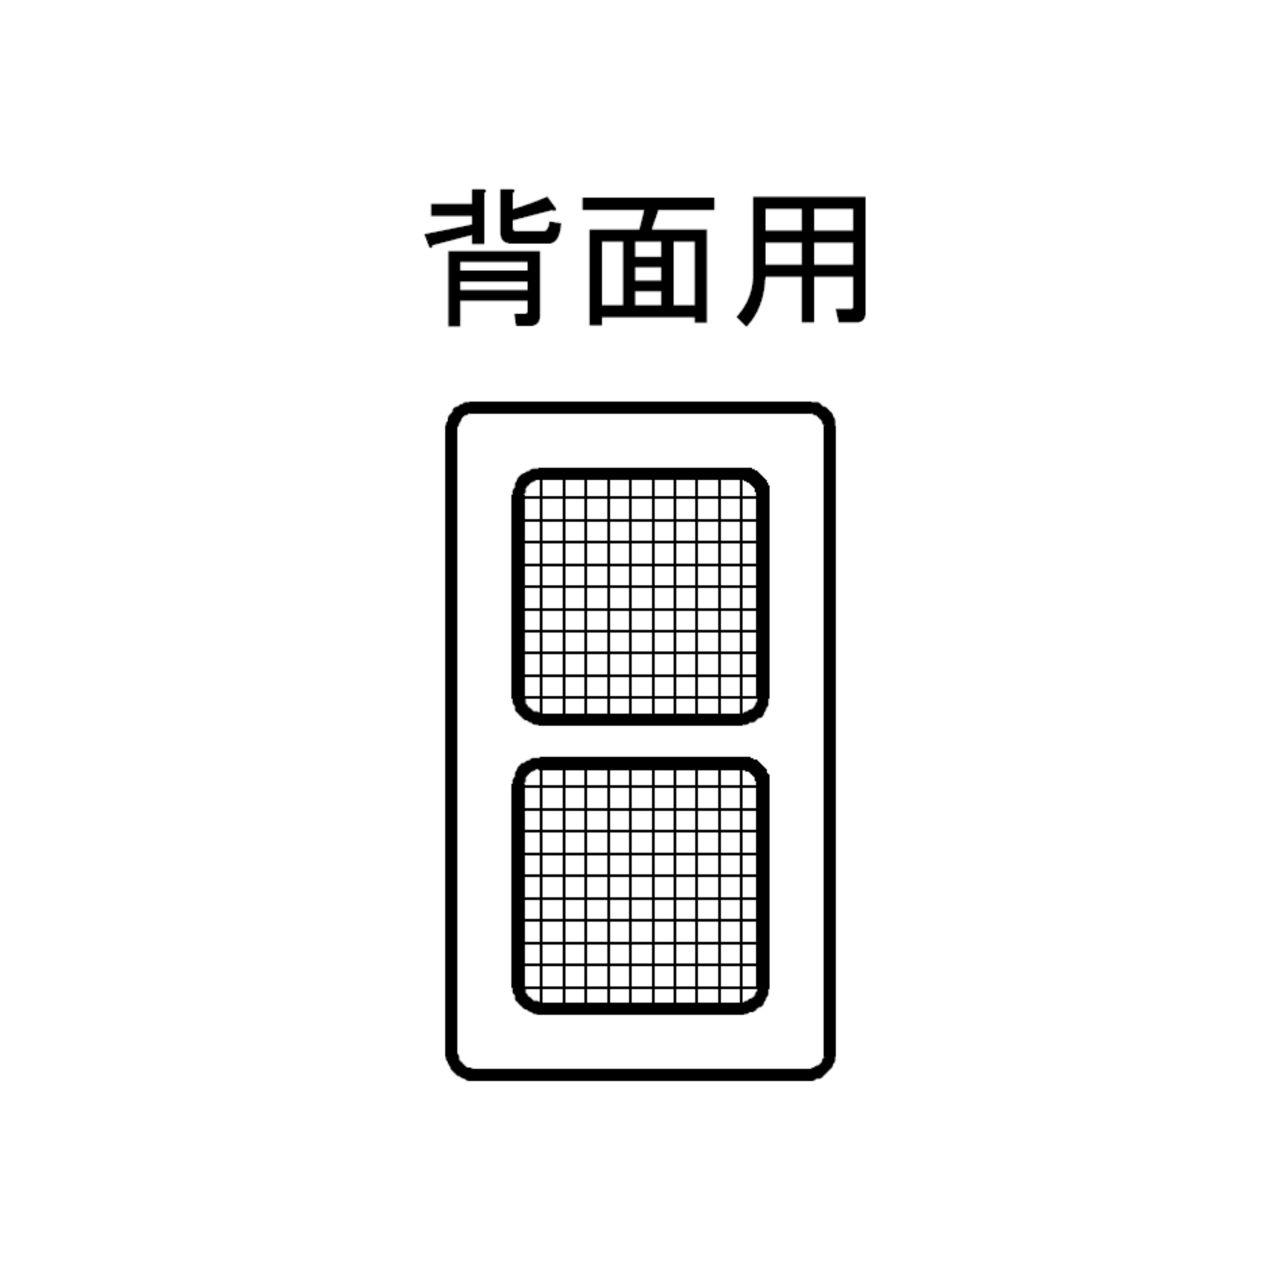 蓄熱暖房機アクセサリー ファン吸い込みネット(マイコン内蔵型用)